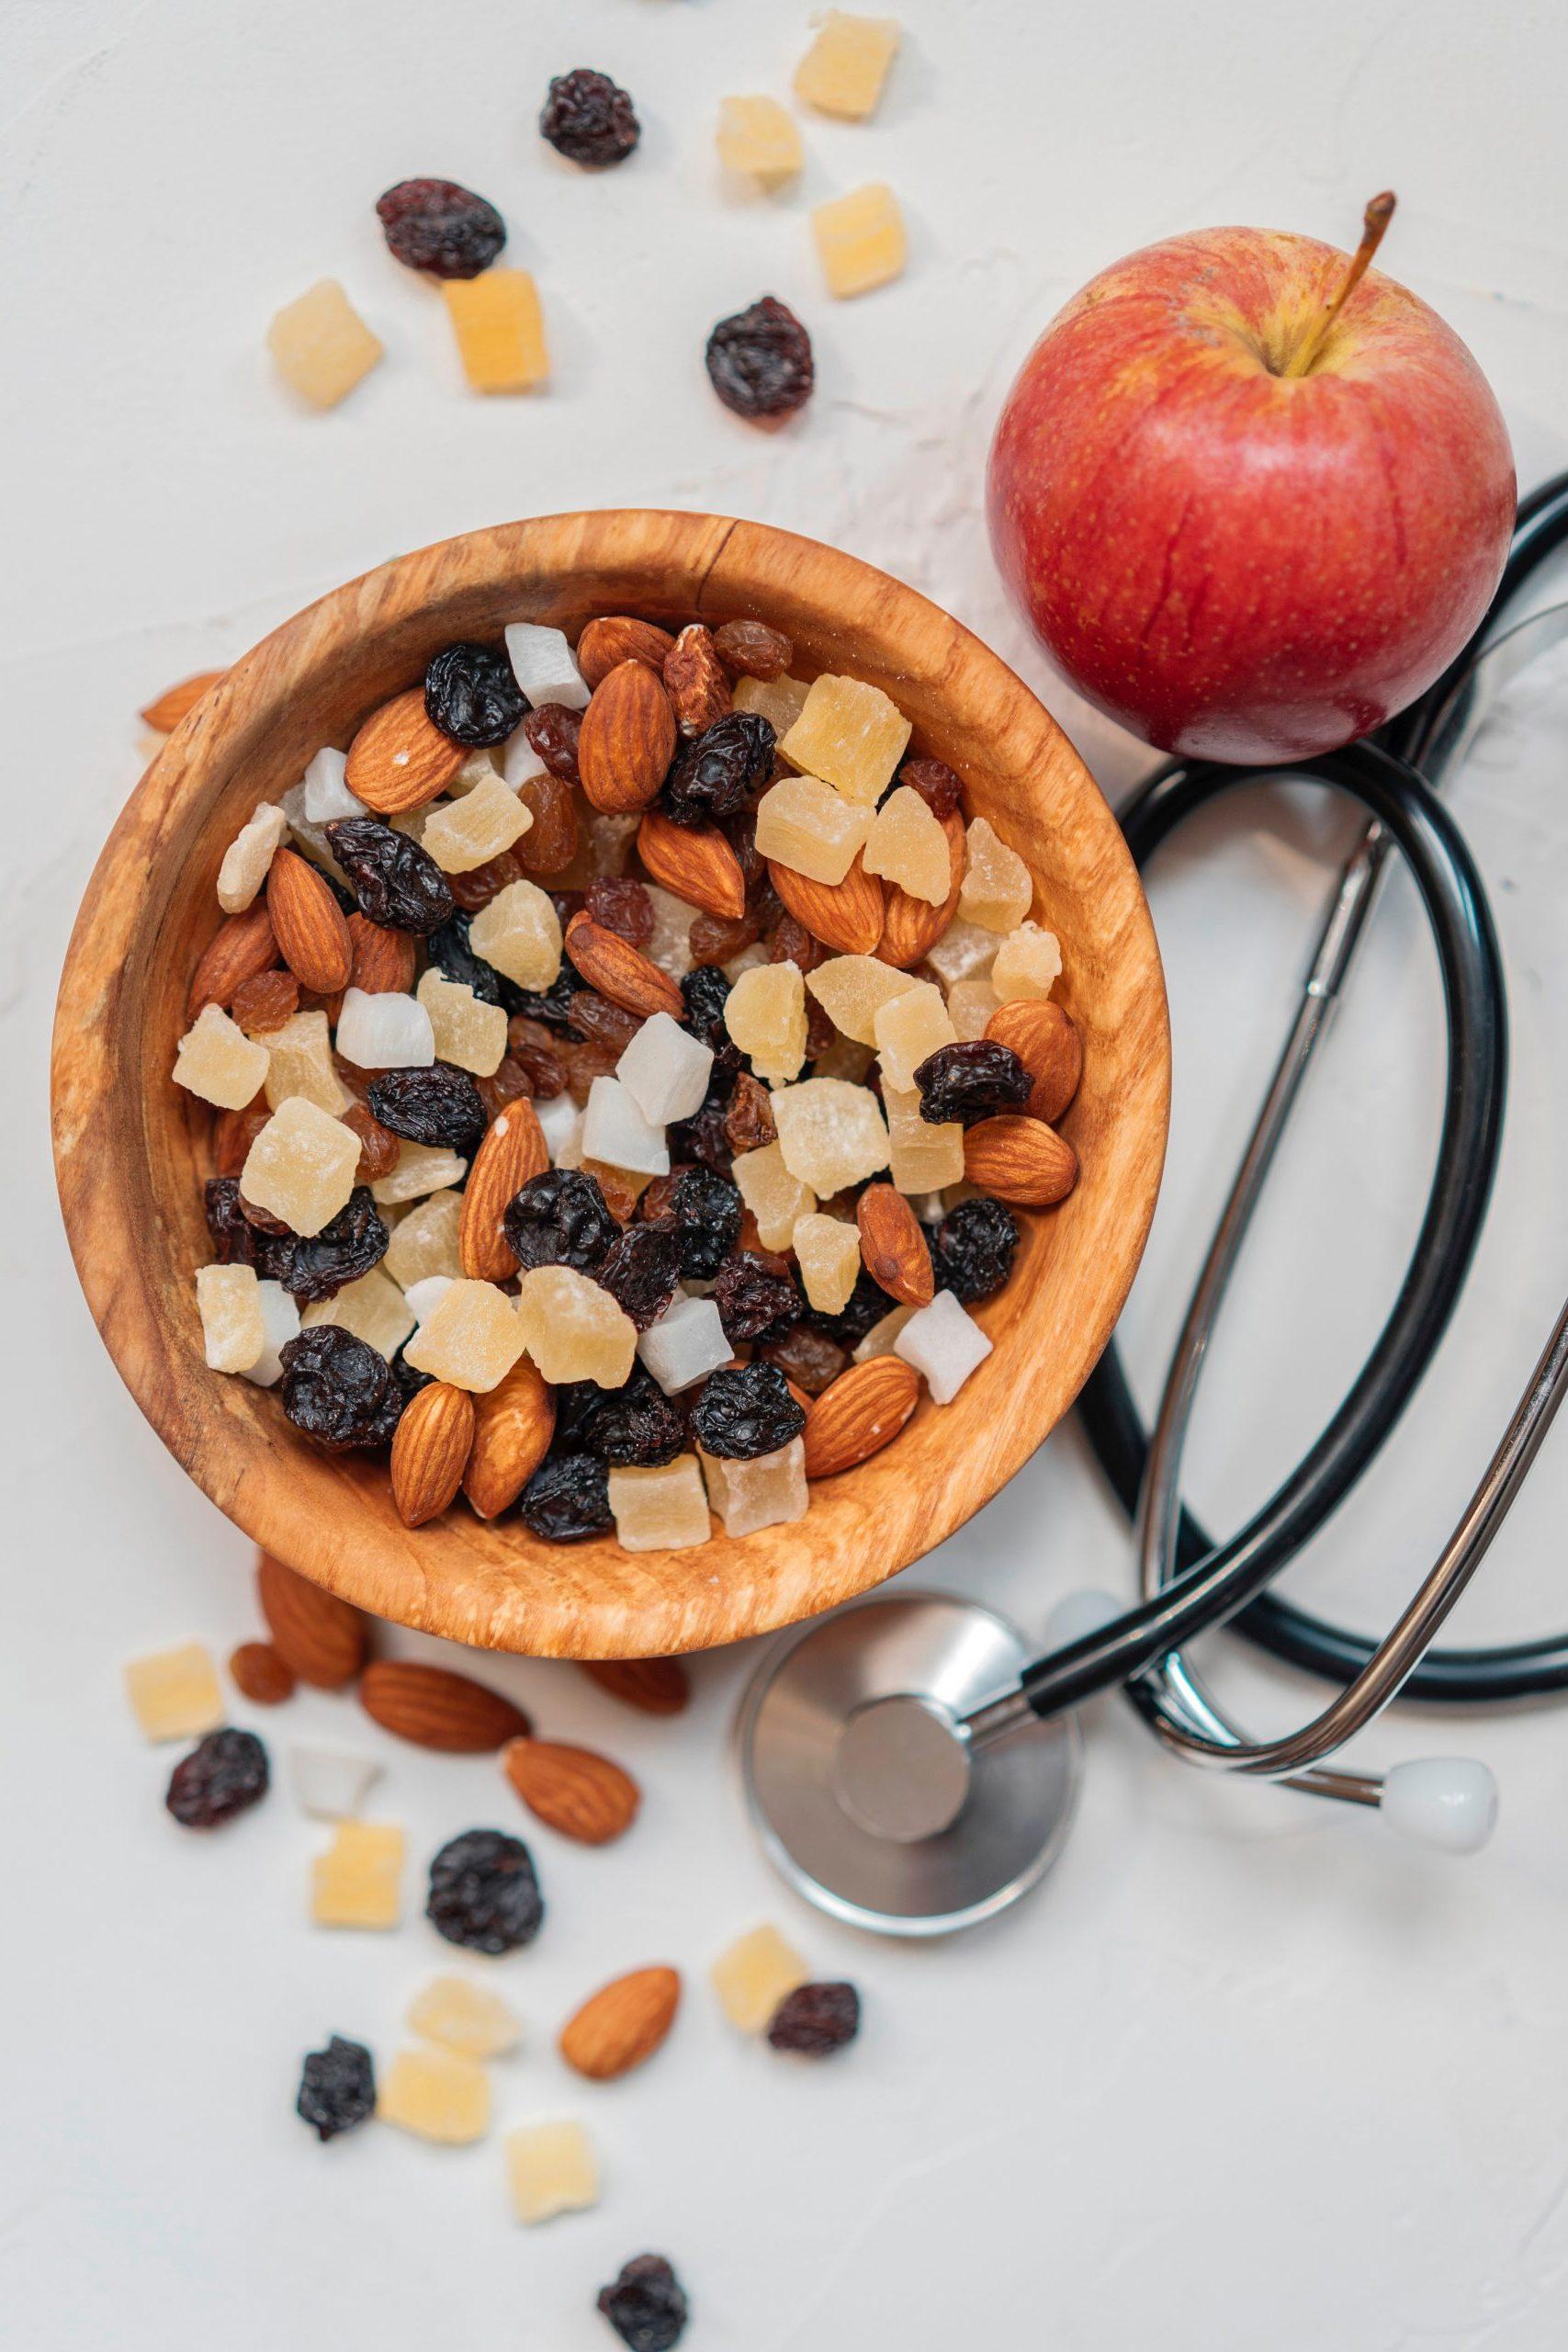 διατροφή για ανοσοποιητικό Μπασκίνη διατροφολόγος